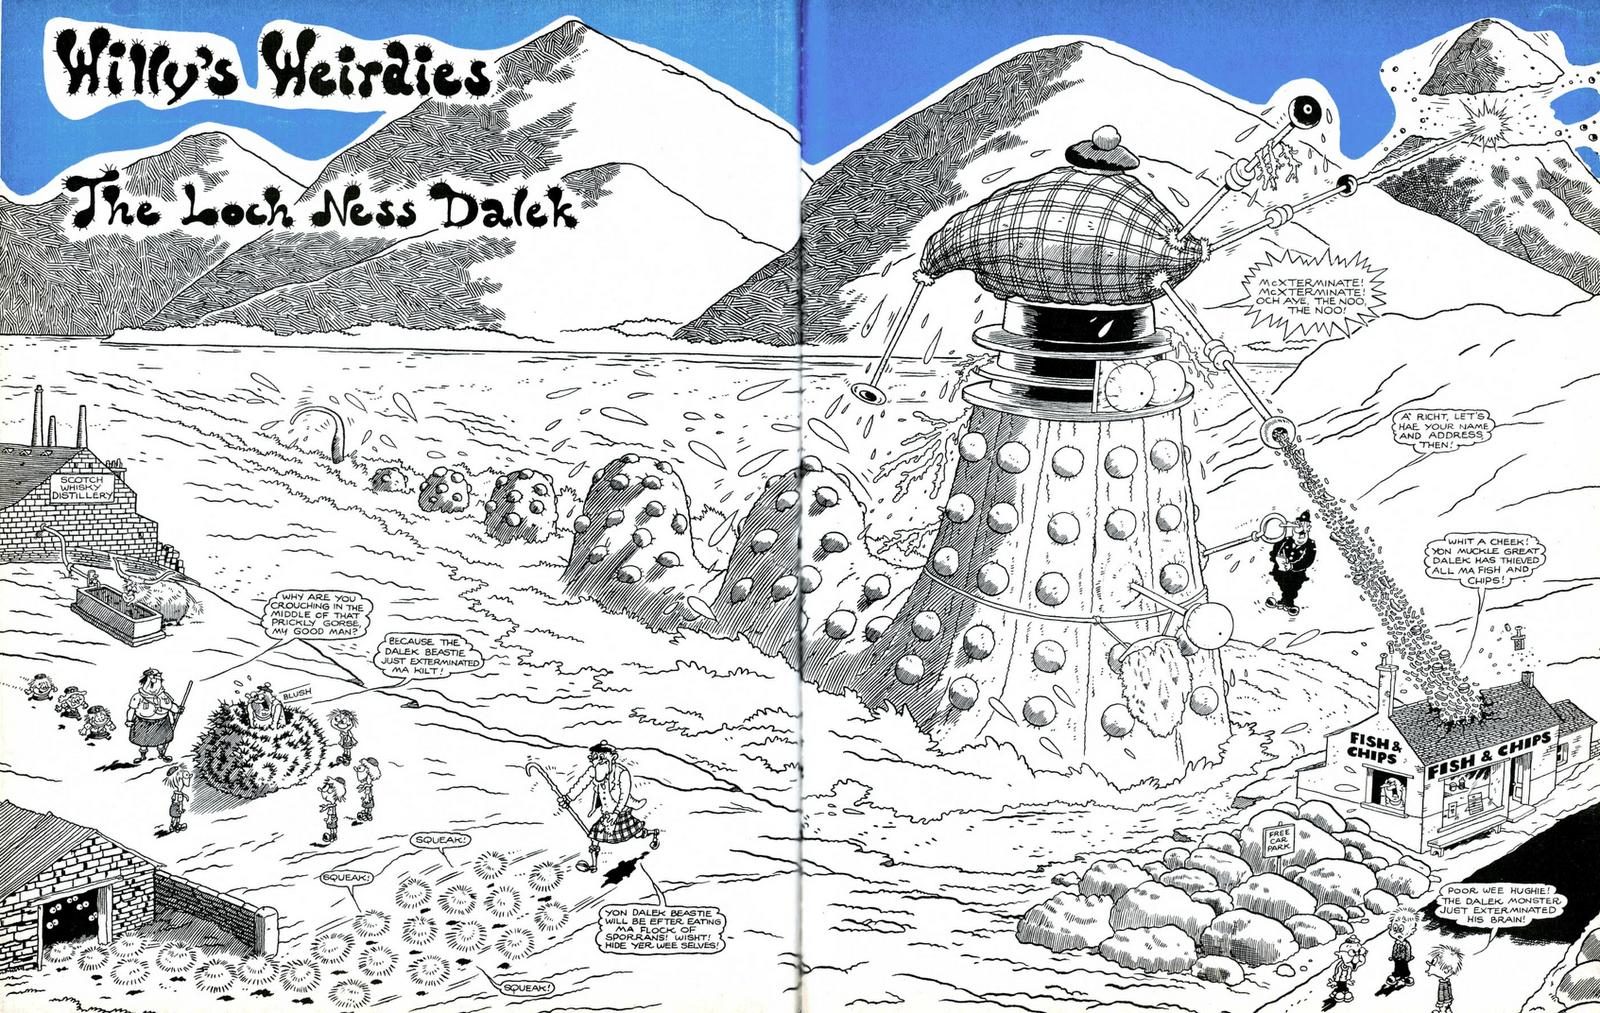 The Loch Ness Dalek